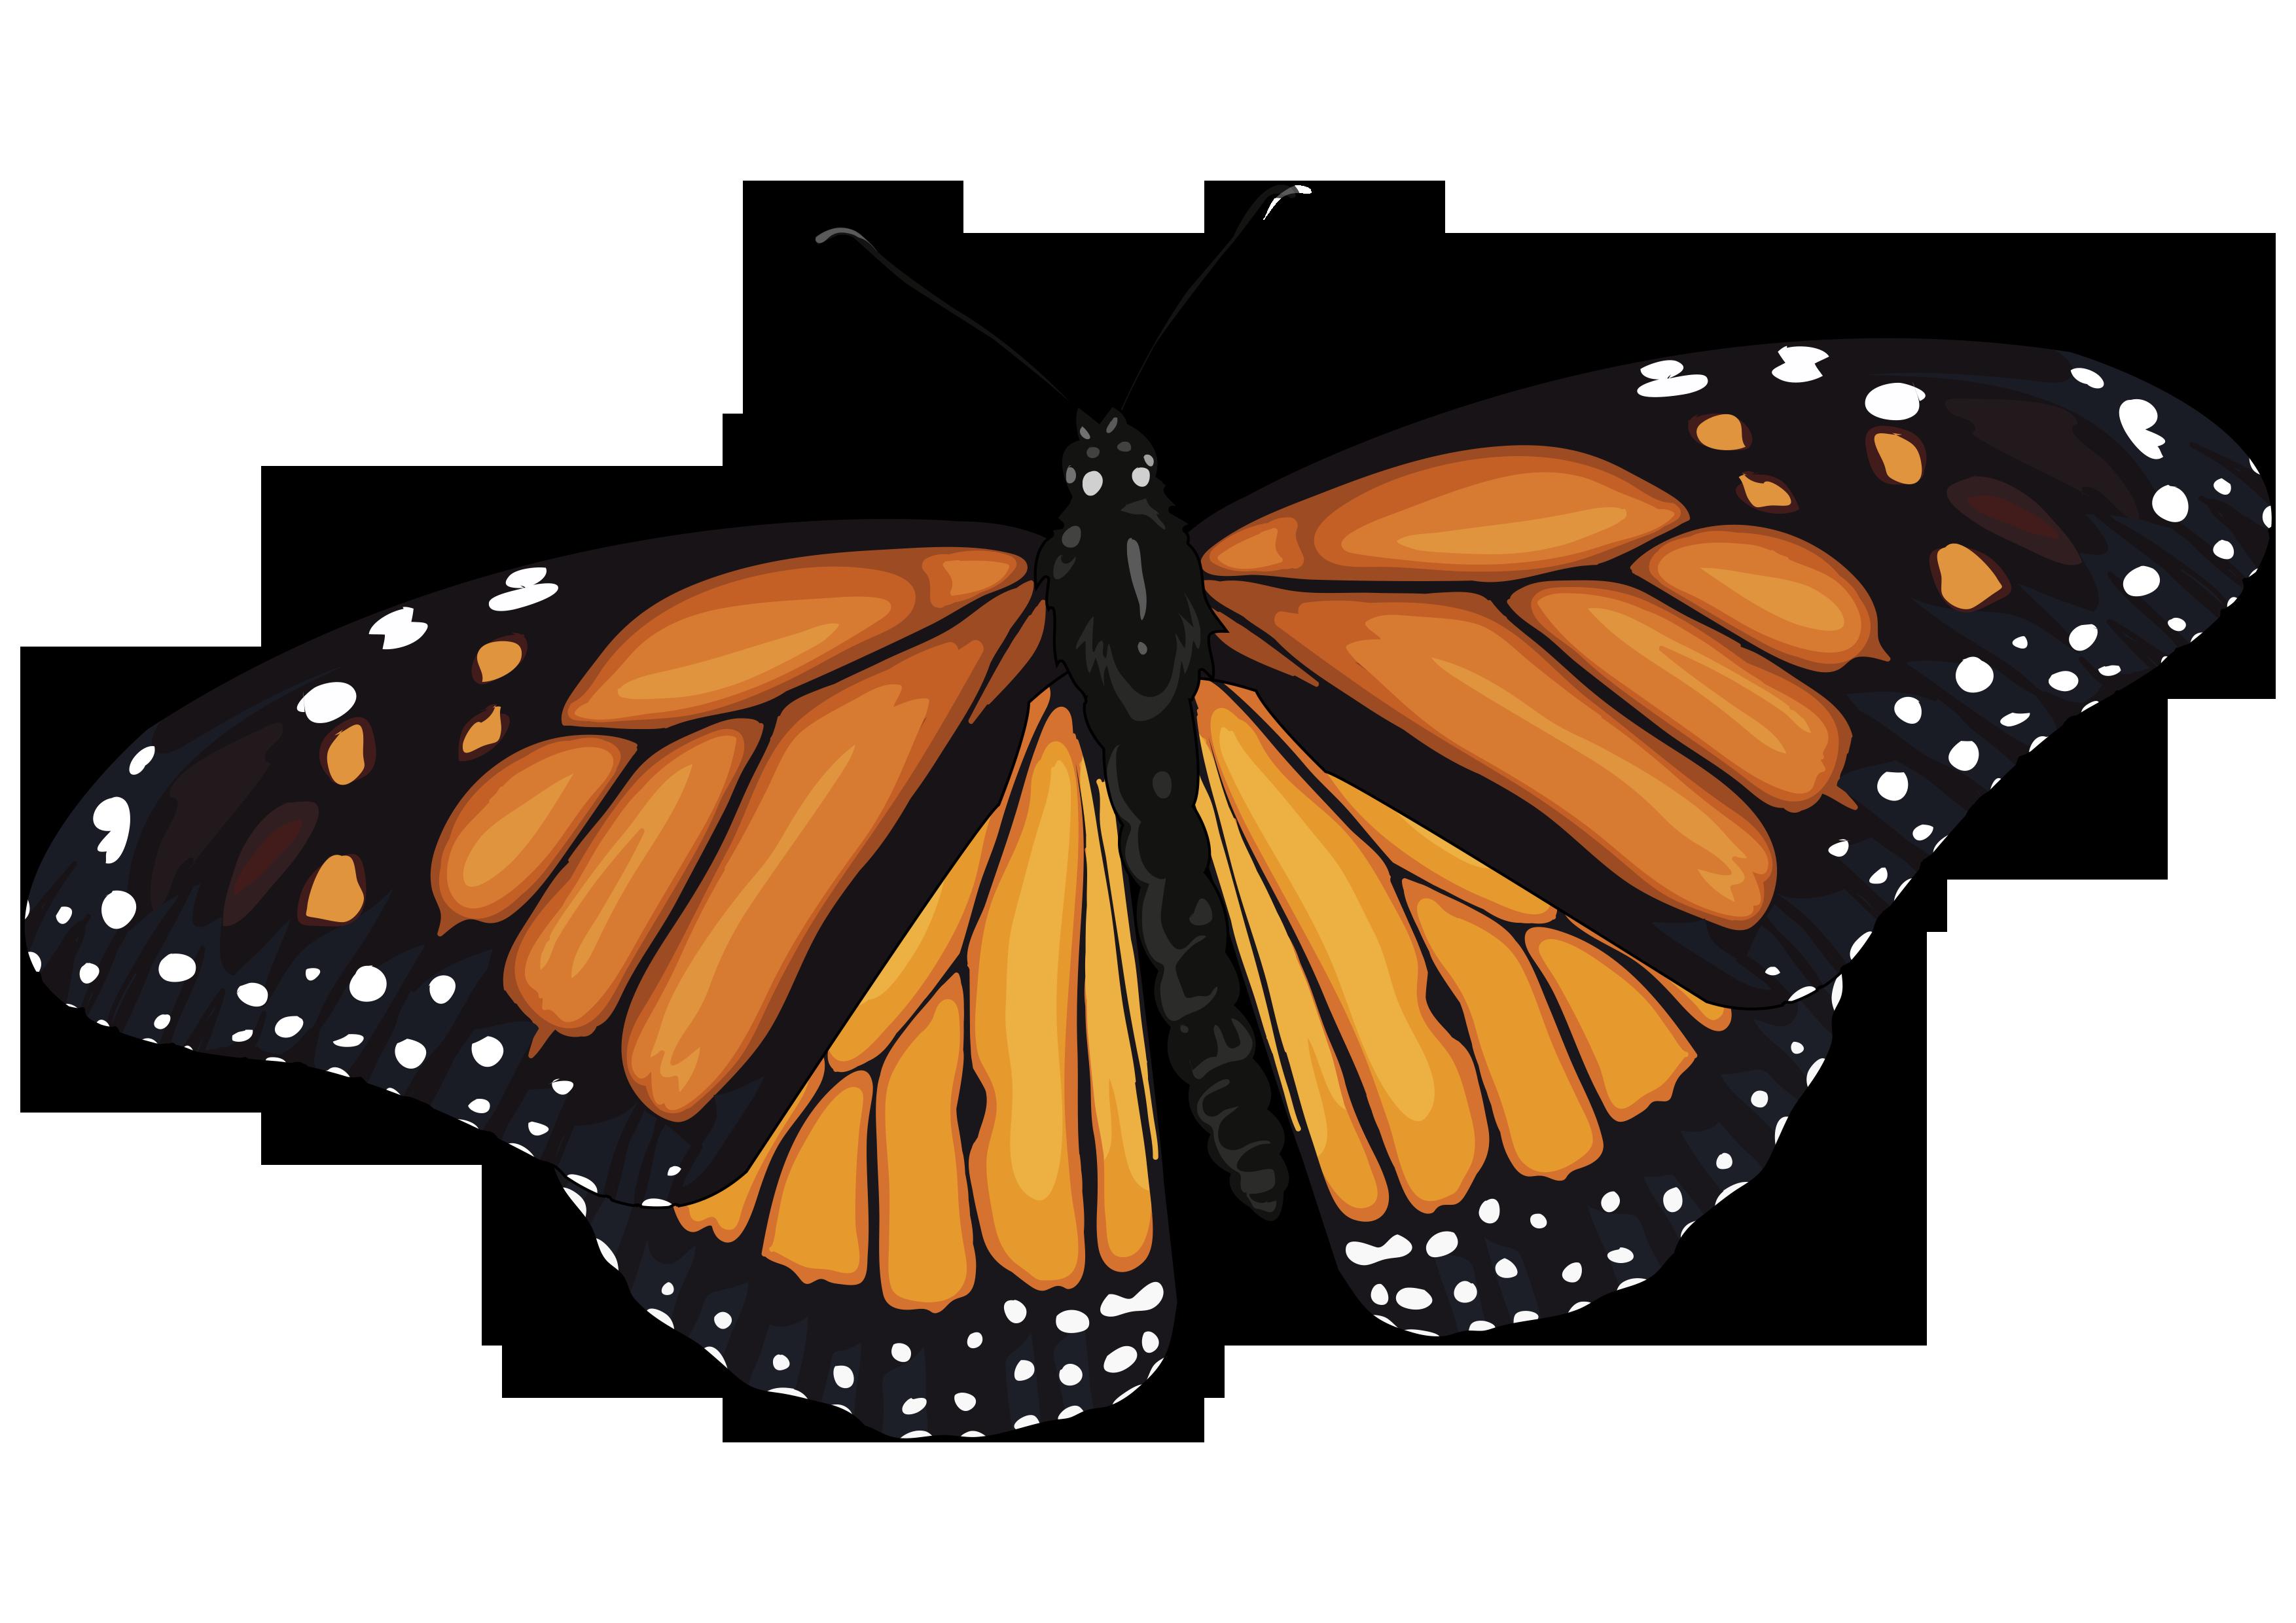 Asombroso La Anatomía De Una Mariposa Componente - Anatomía de Las ...